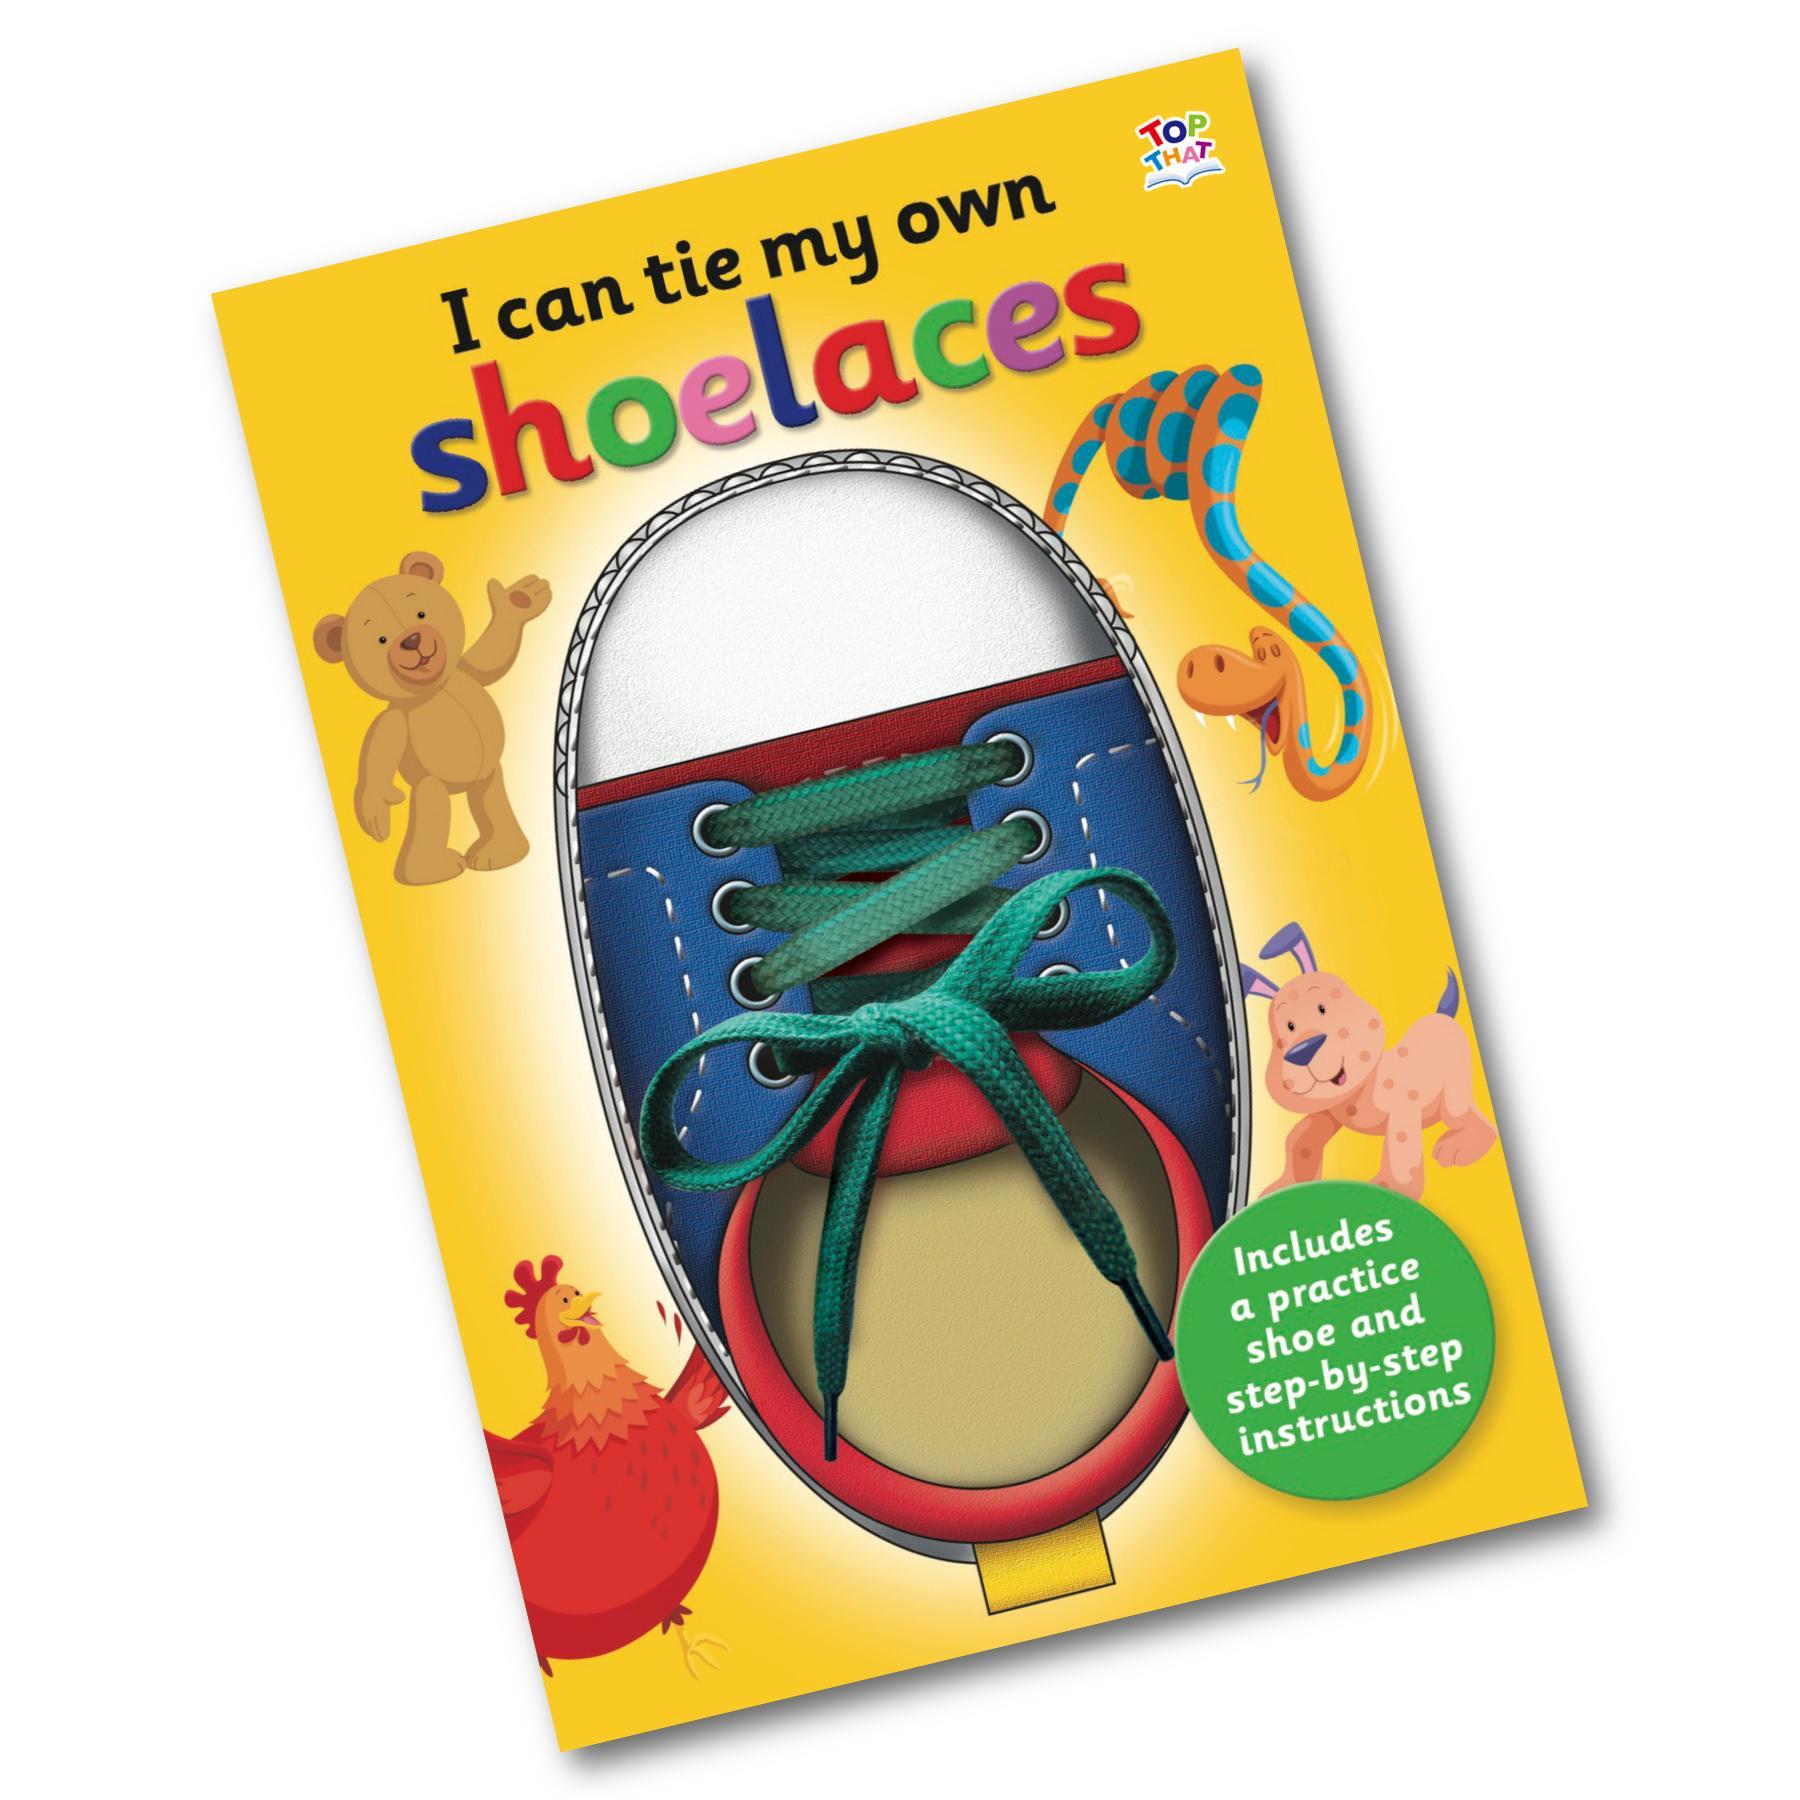 Amazon Shoe Laces Uk